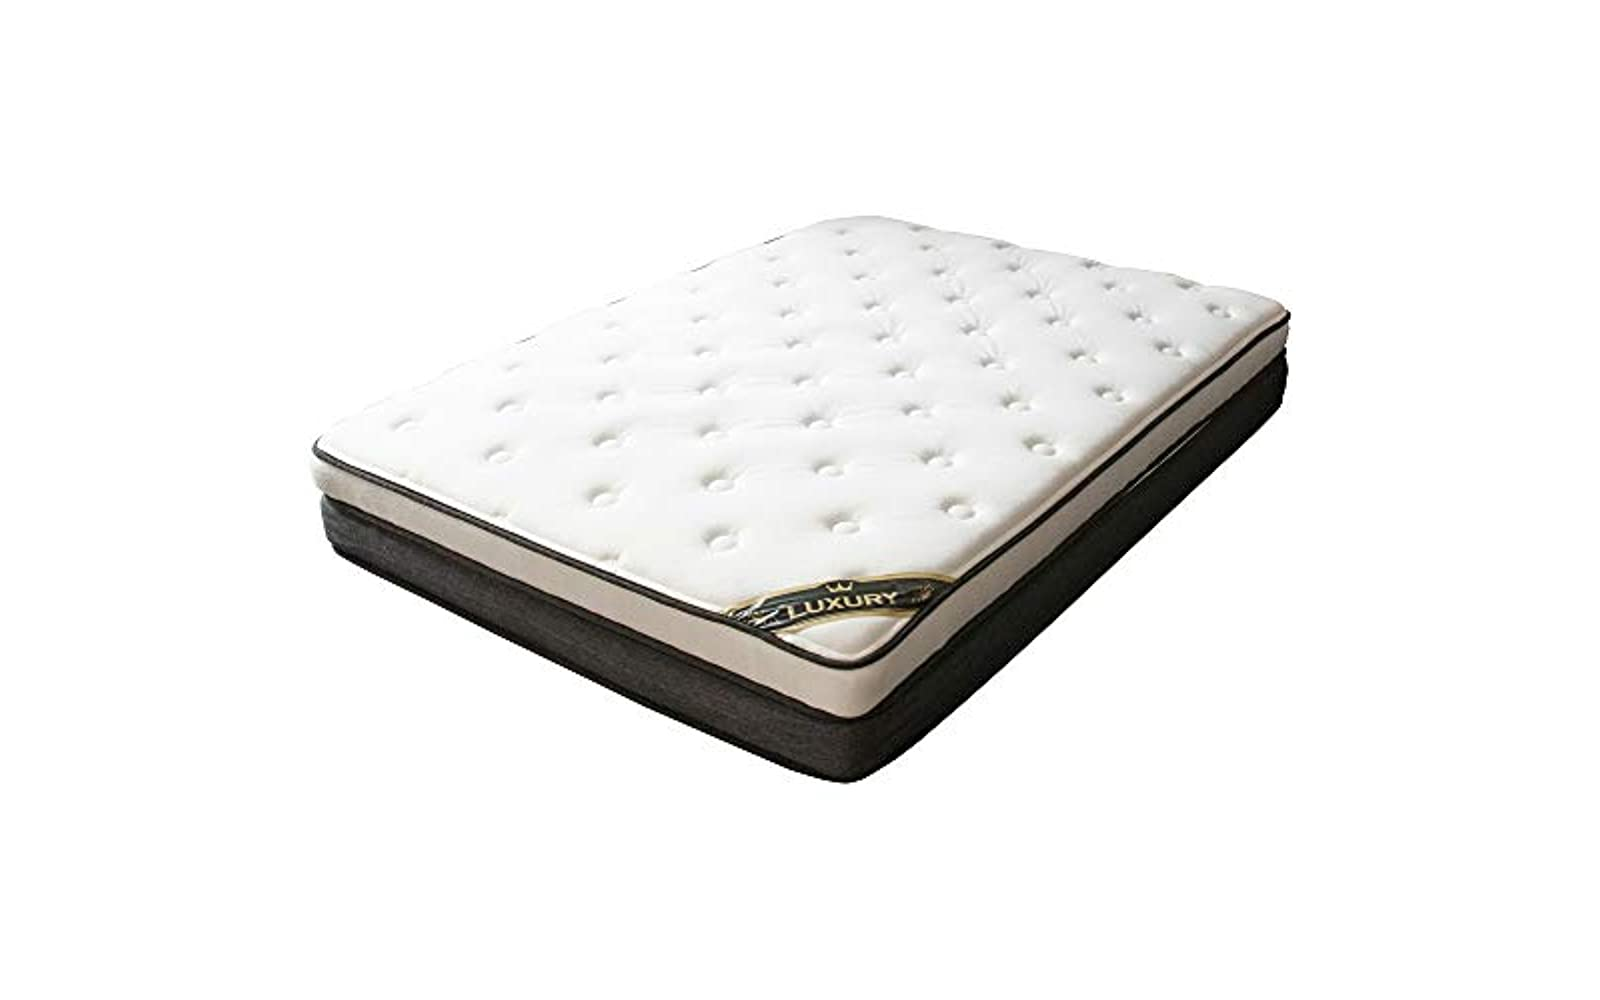 ポケットコイルマットレス ハード 2層 シングル | Sleepee(スリーピー)